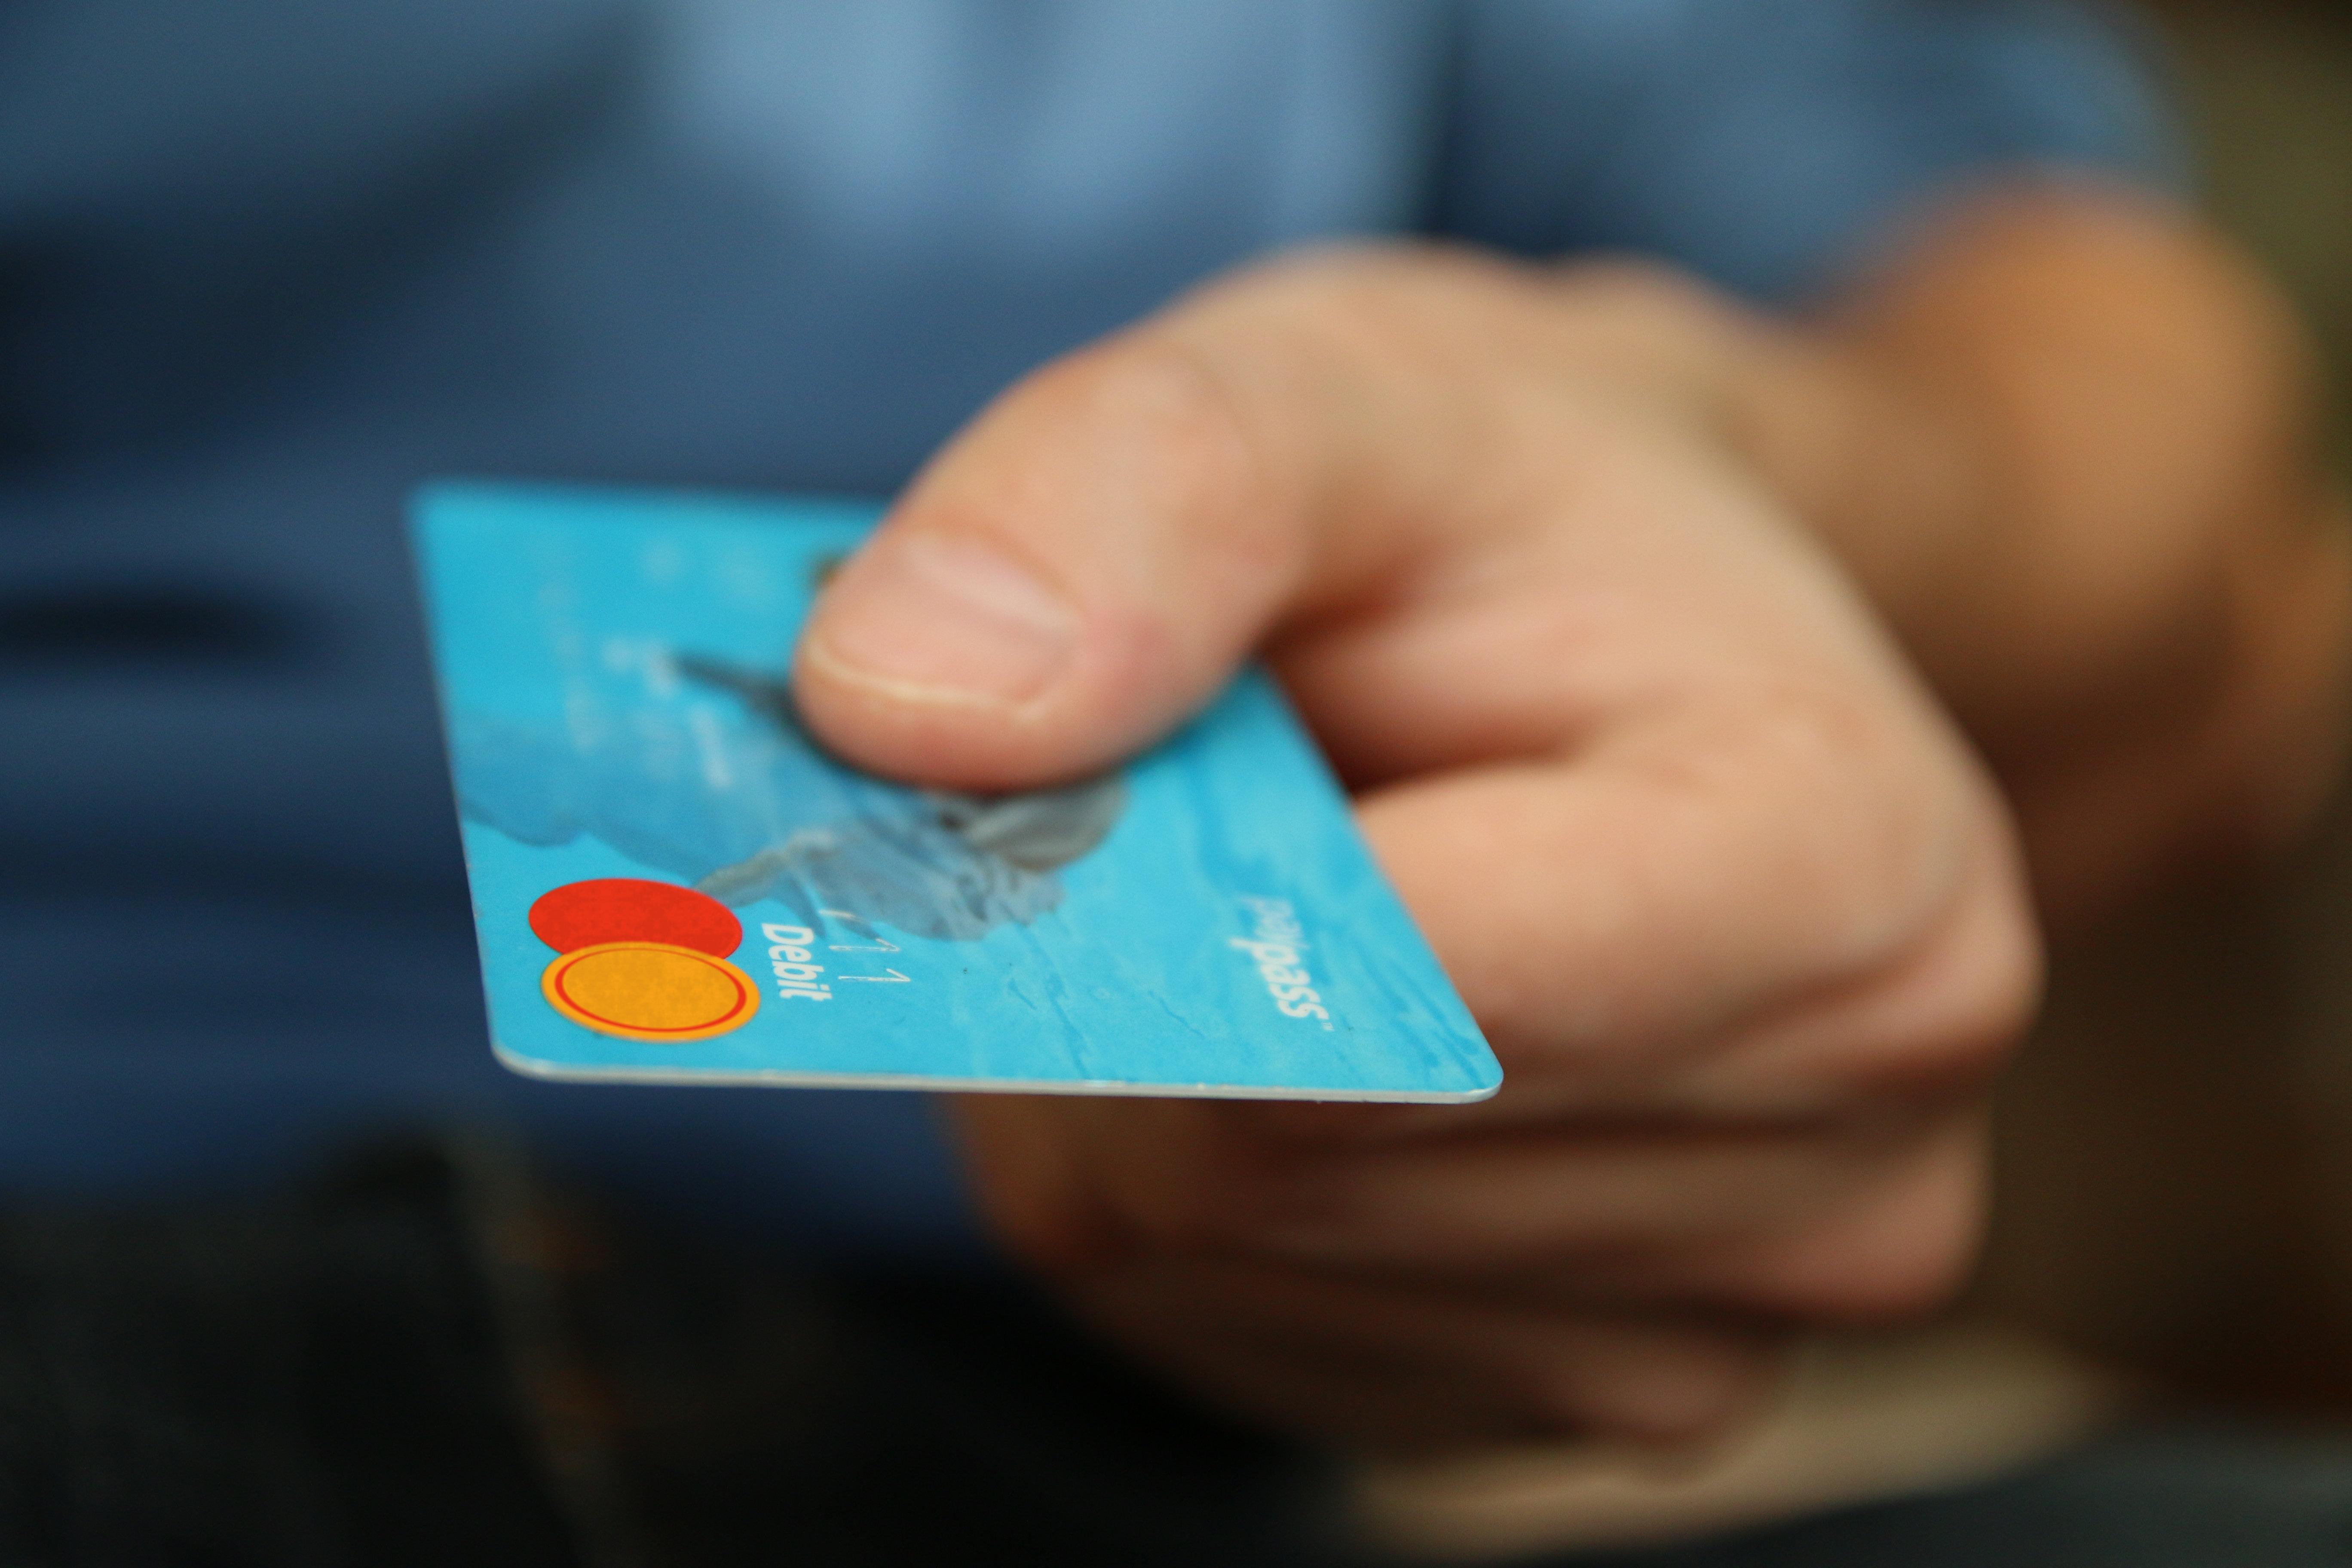 A hand holding a debit card.